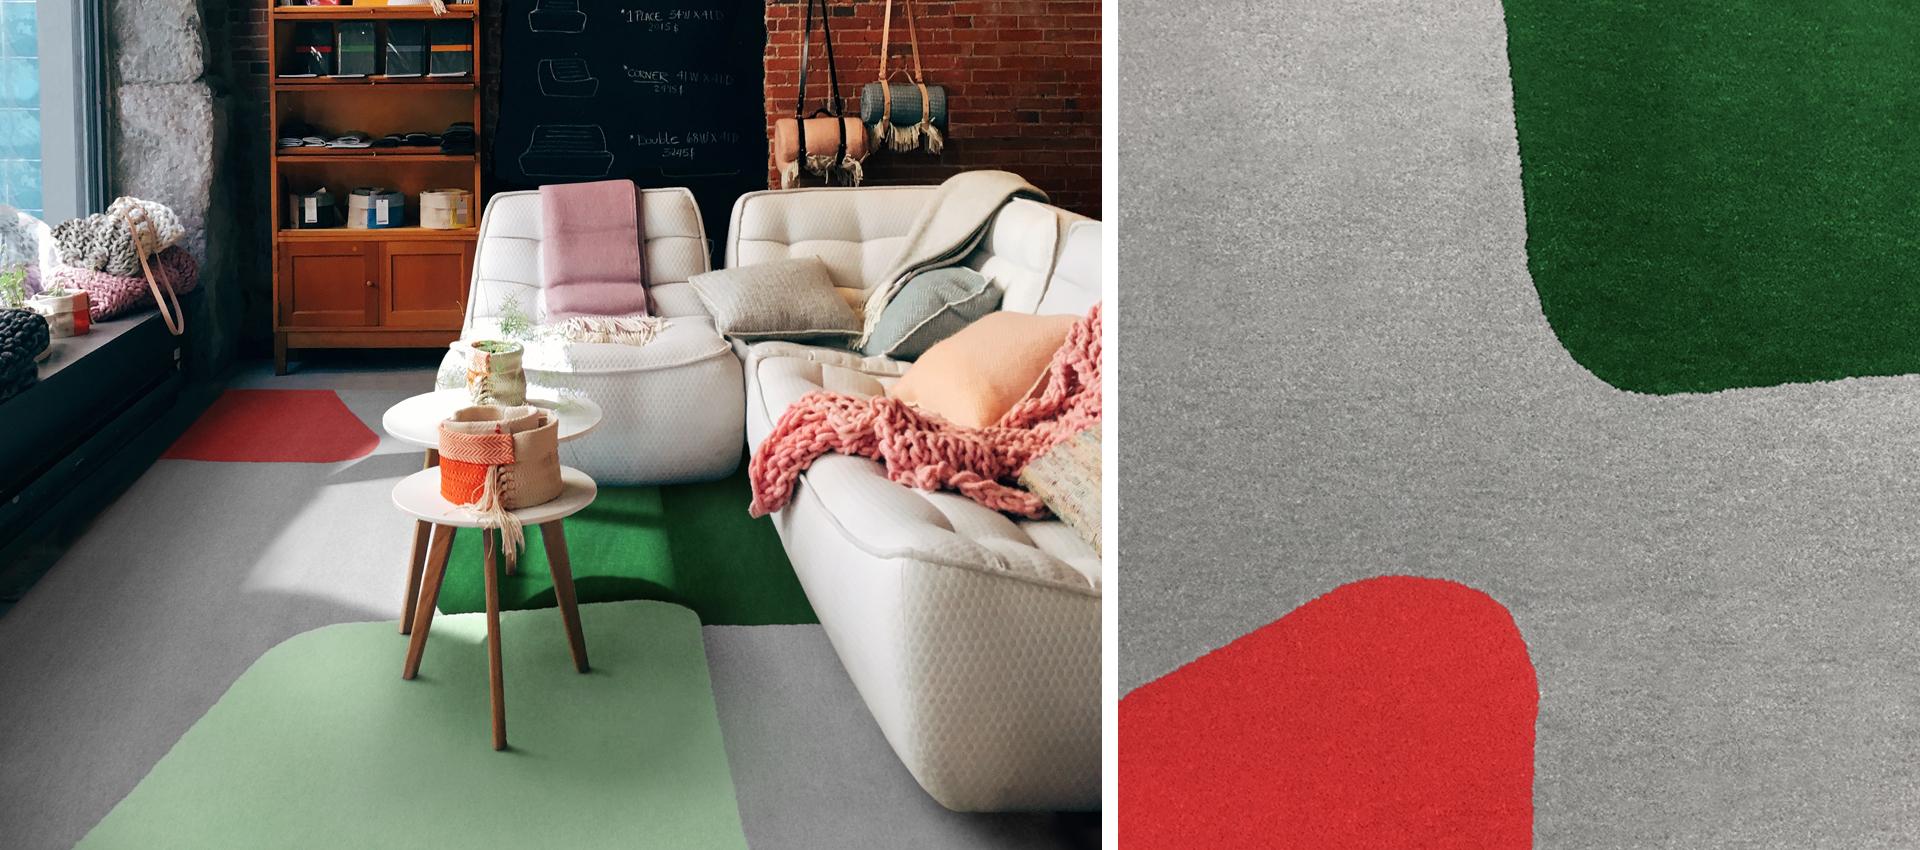 Alexander Calder-inspired Rug | Roch | Urba Rugs Canada